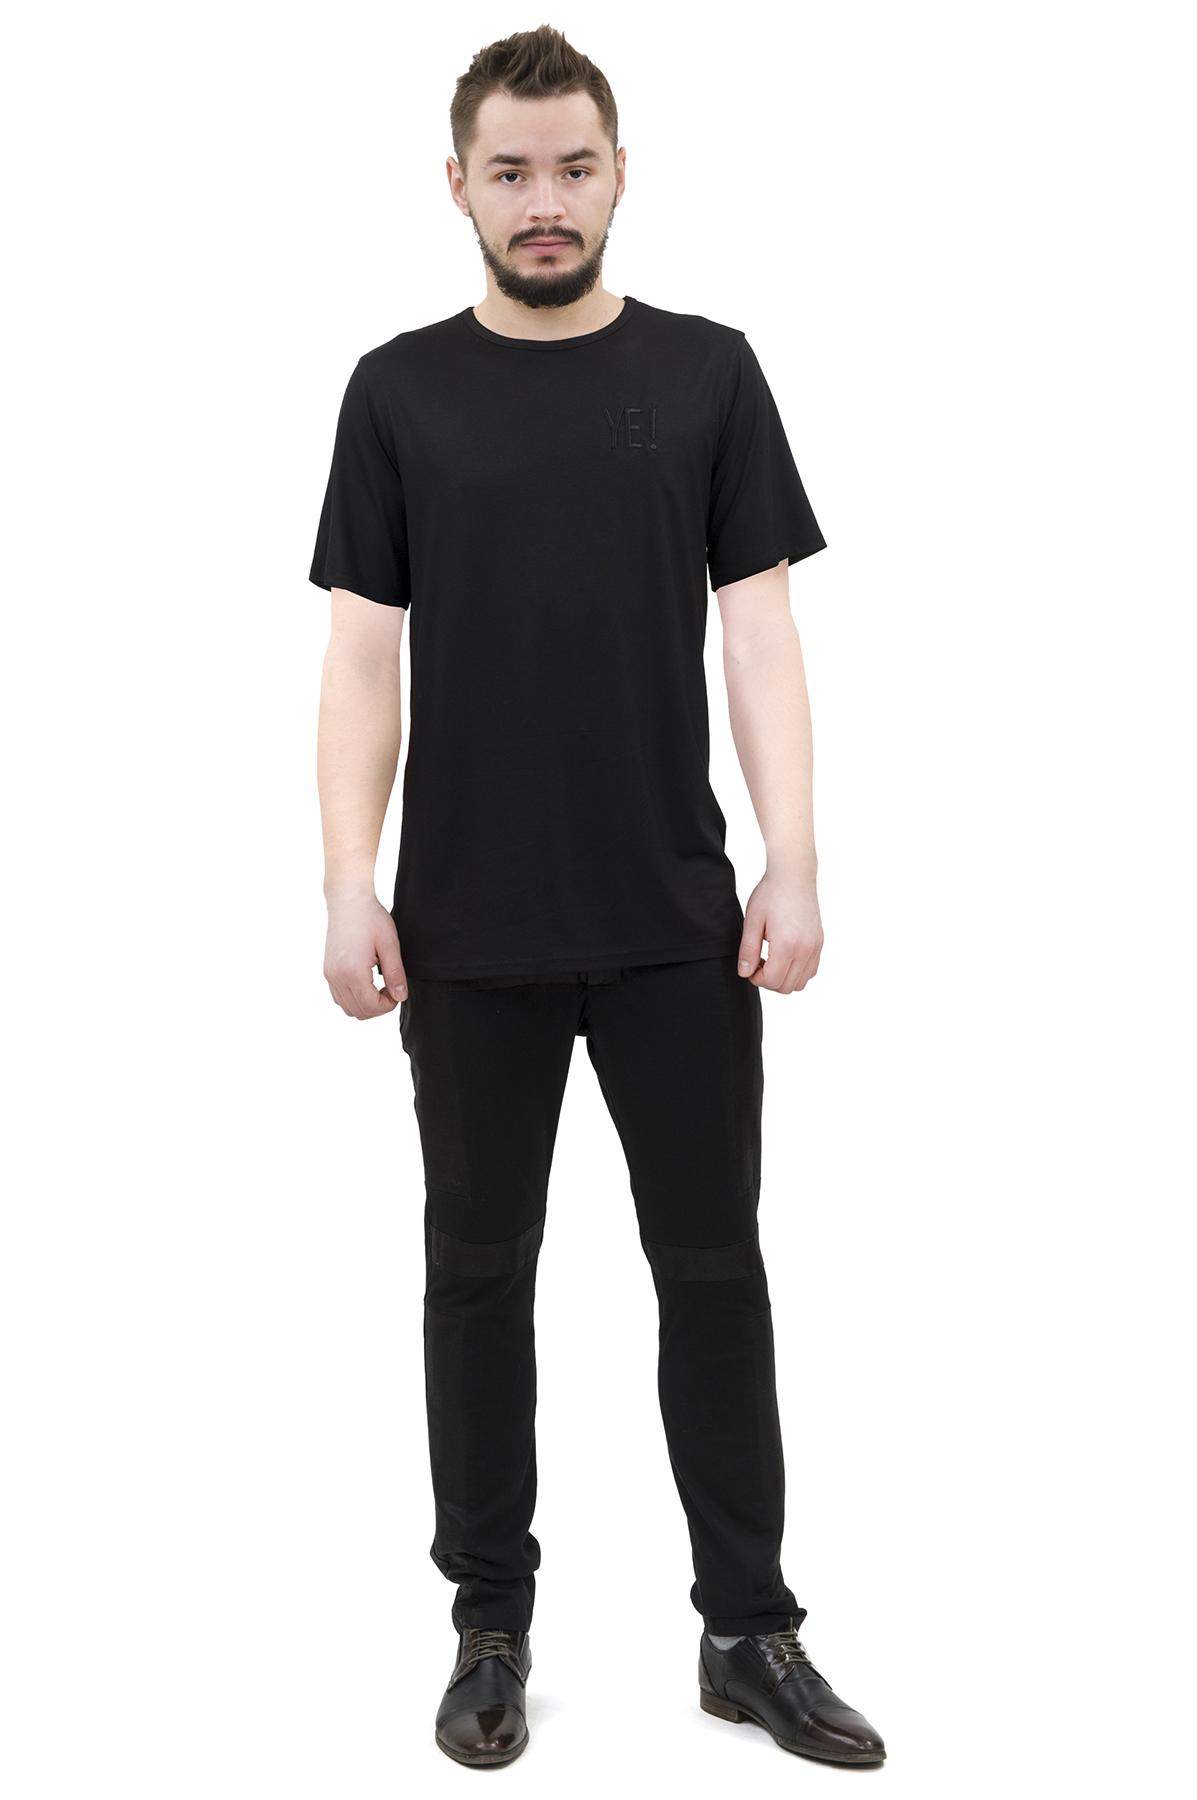 ФутболкаМужские футболки, джемпера<br>Футболка бренда Pavel Yerokin выполнена из вискозы с добавлением шелка. Особенности: свободный крой, круглый вырез, вышивка на груди логотипа бренда.<br><br>Цвет: черный<br>Состав: Вискоза - 70%, Шелк - 25%, Эластан - 5%<br>Размер: 44,46,48,50,52,54,56,58,60<br>Страна дизайна: Россия<br>Страна производства: Россия